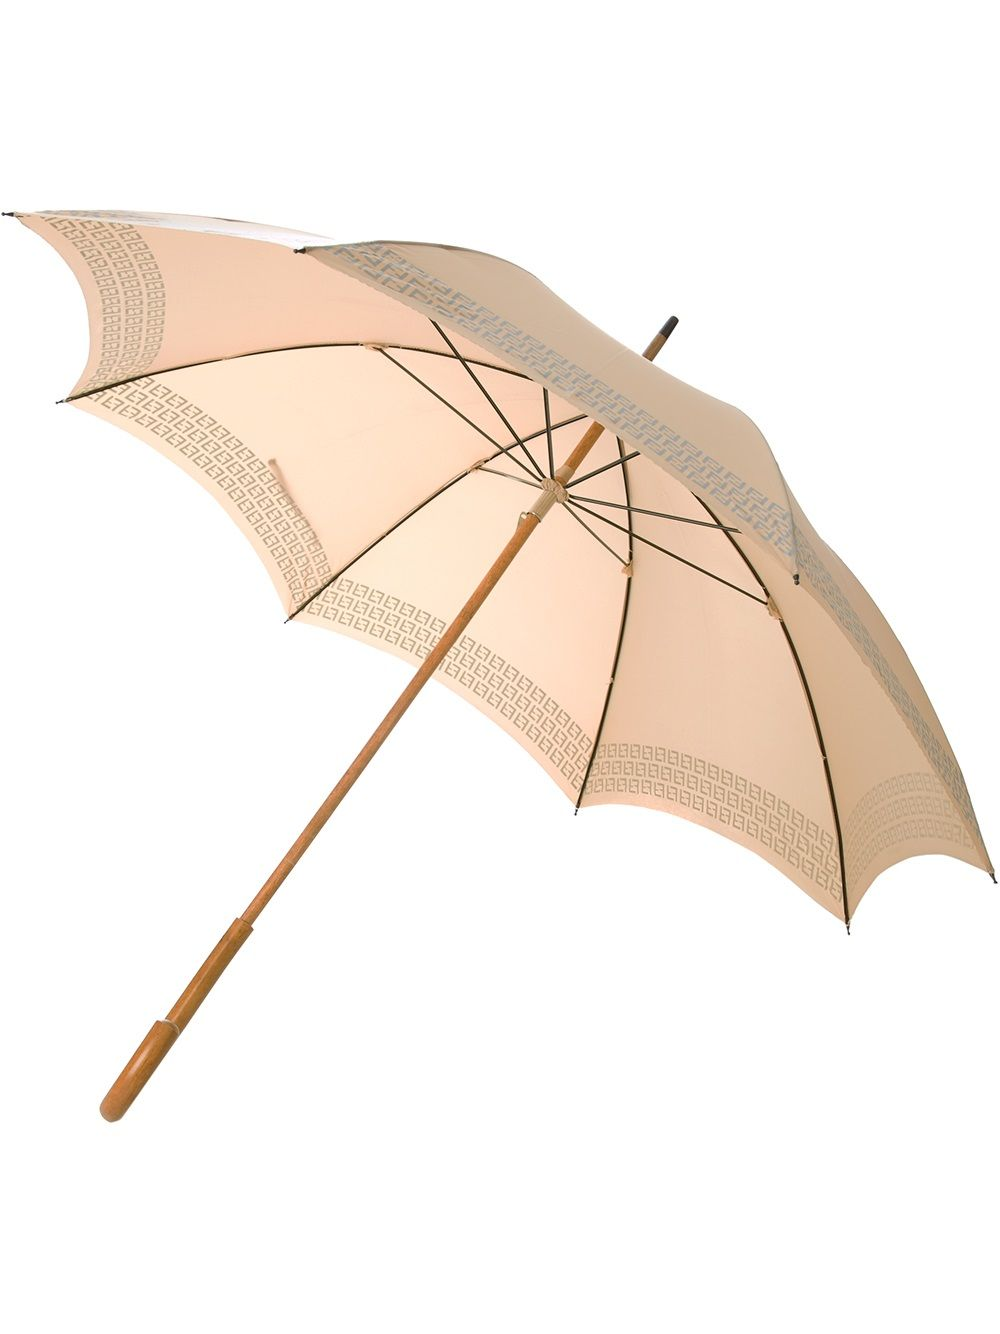 Fendi Pre Owned Monogram Trim Umbrella Farfetch Vintage Monogram Fendi Umbrella